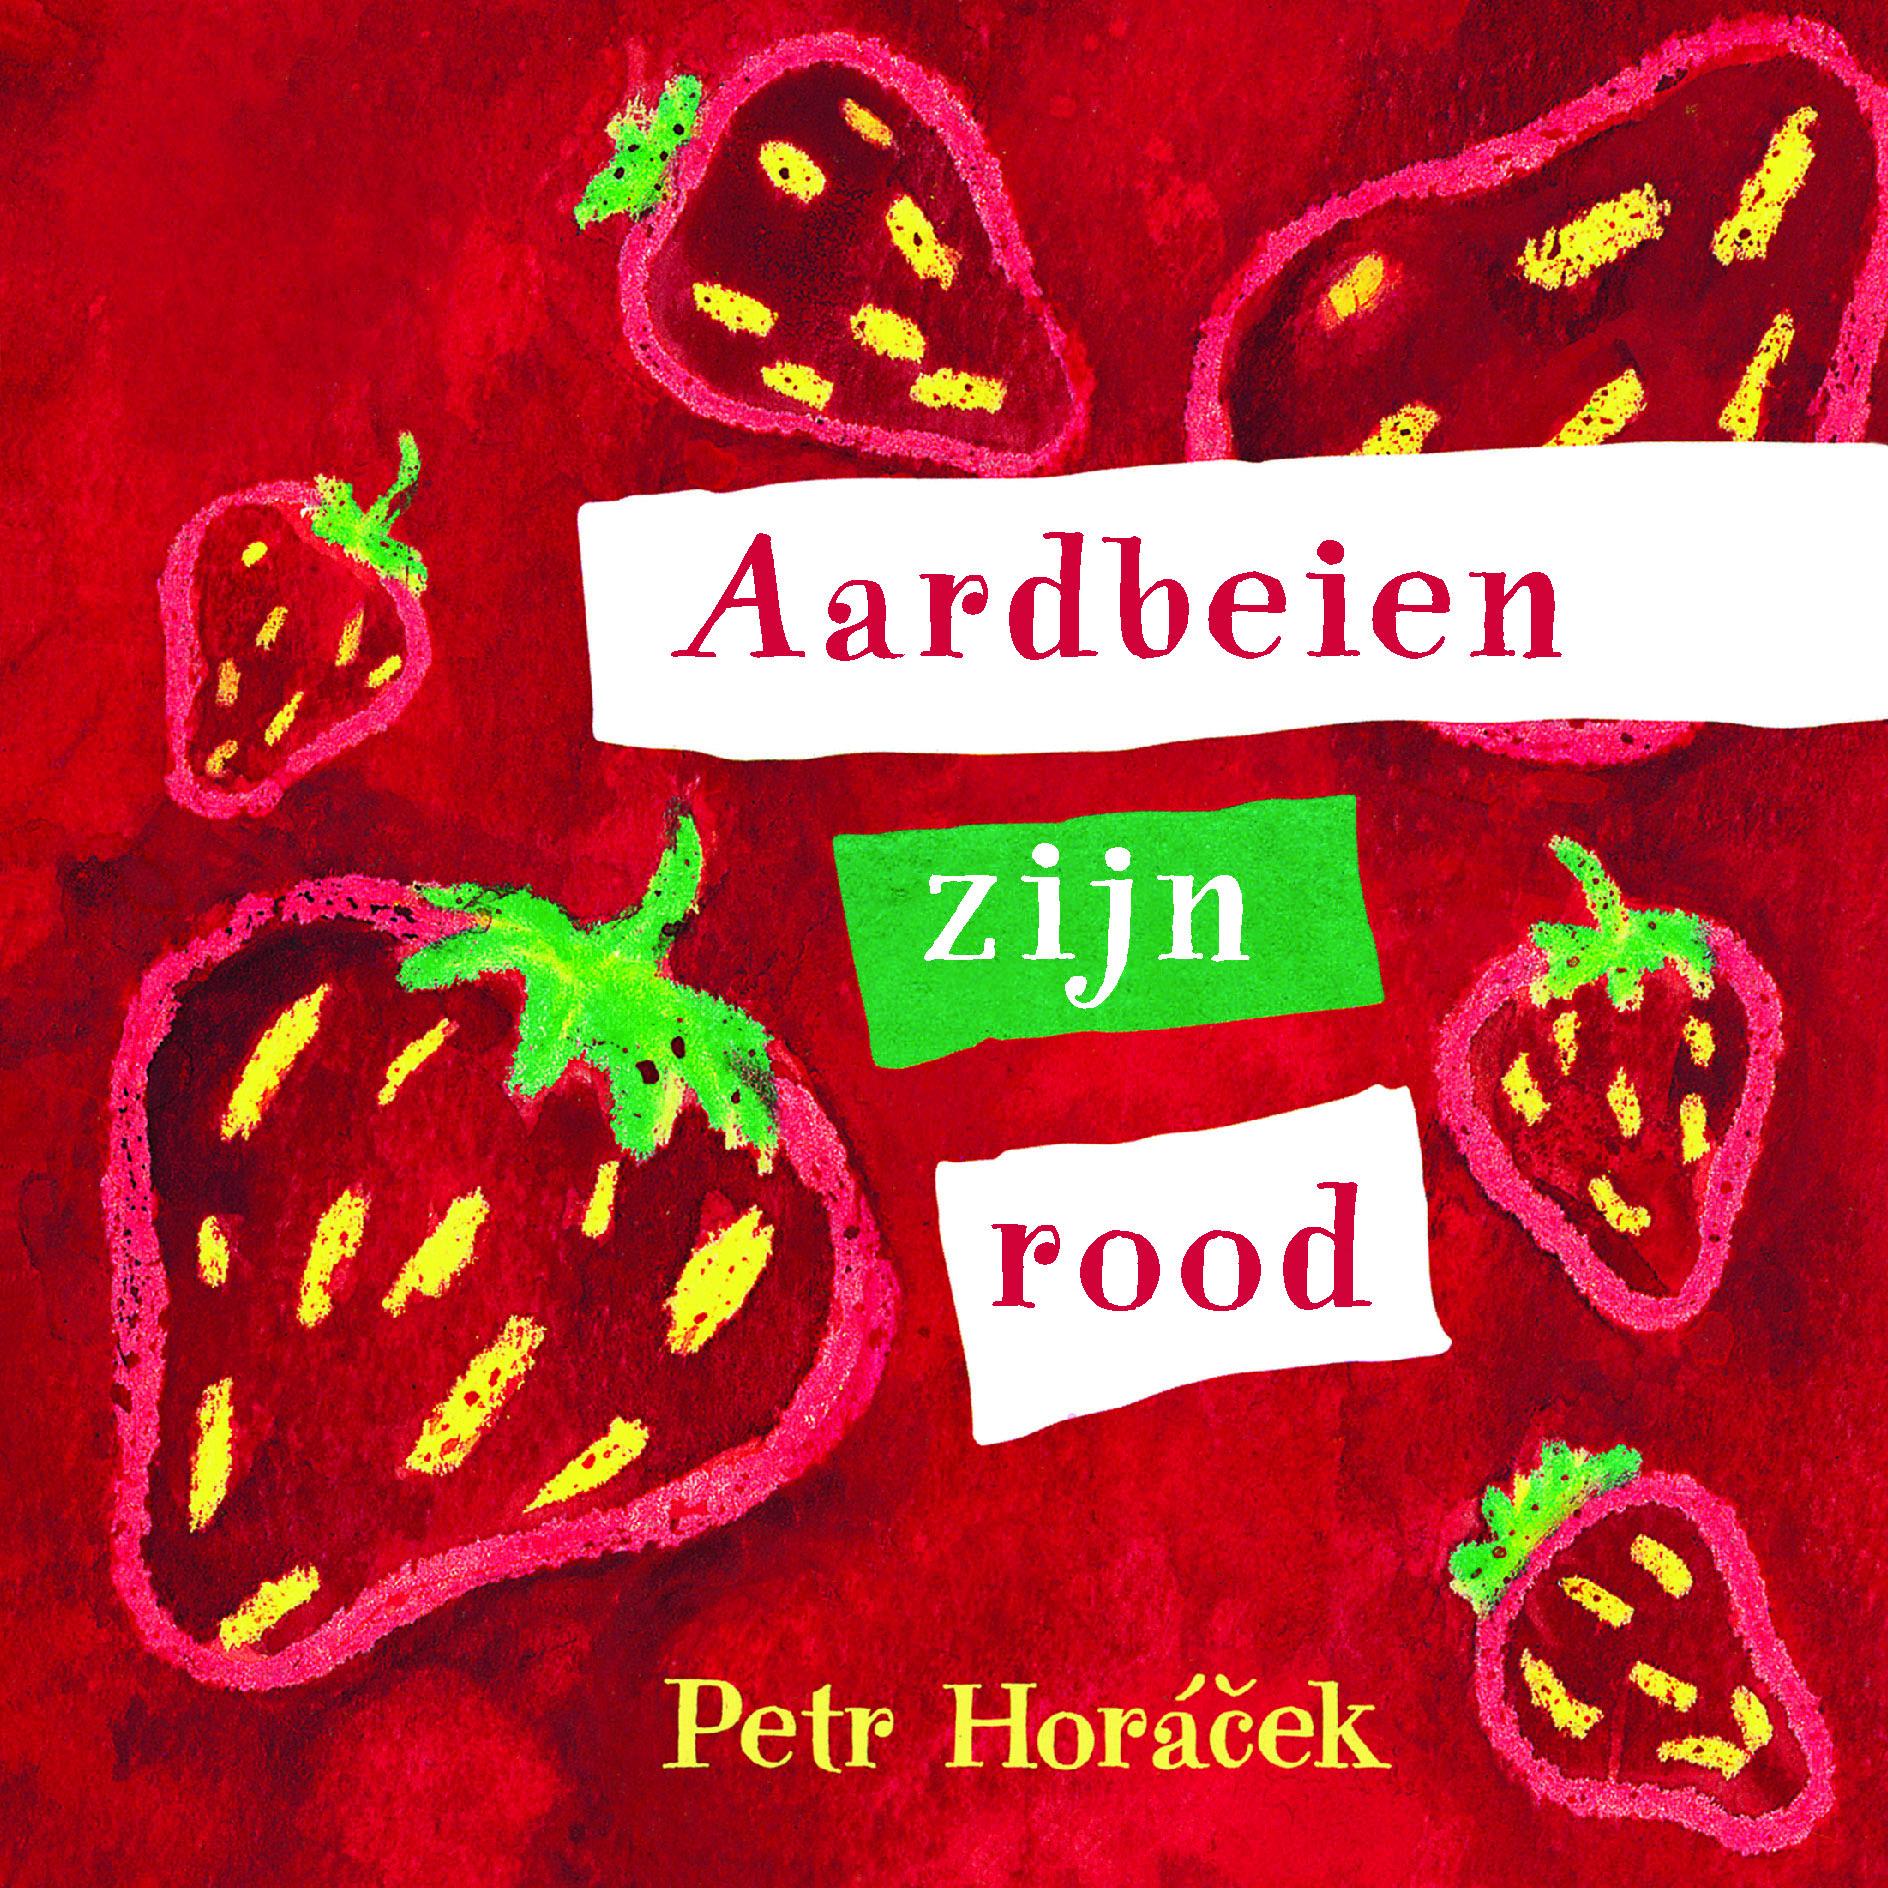 Aardbeien zijn rood Book Cover